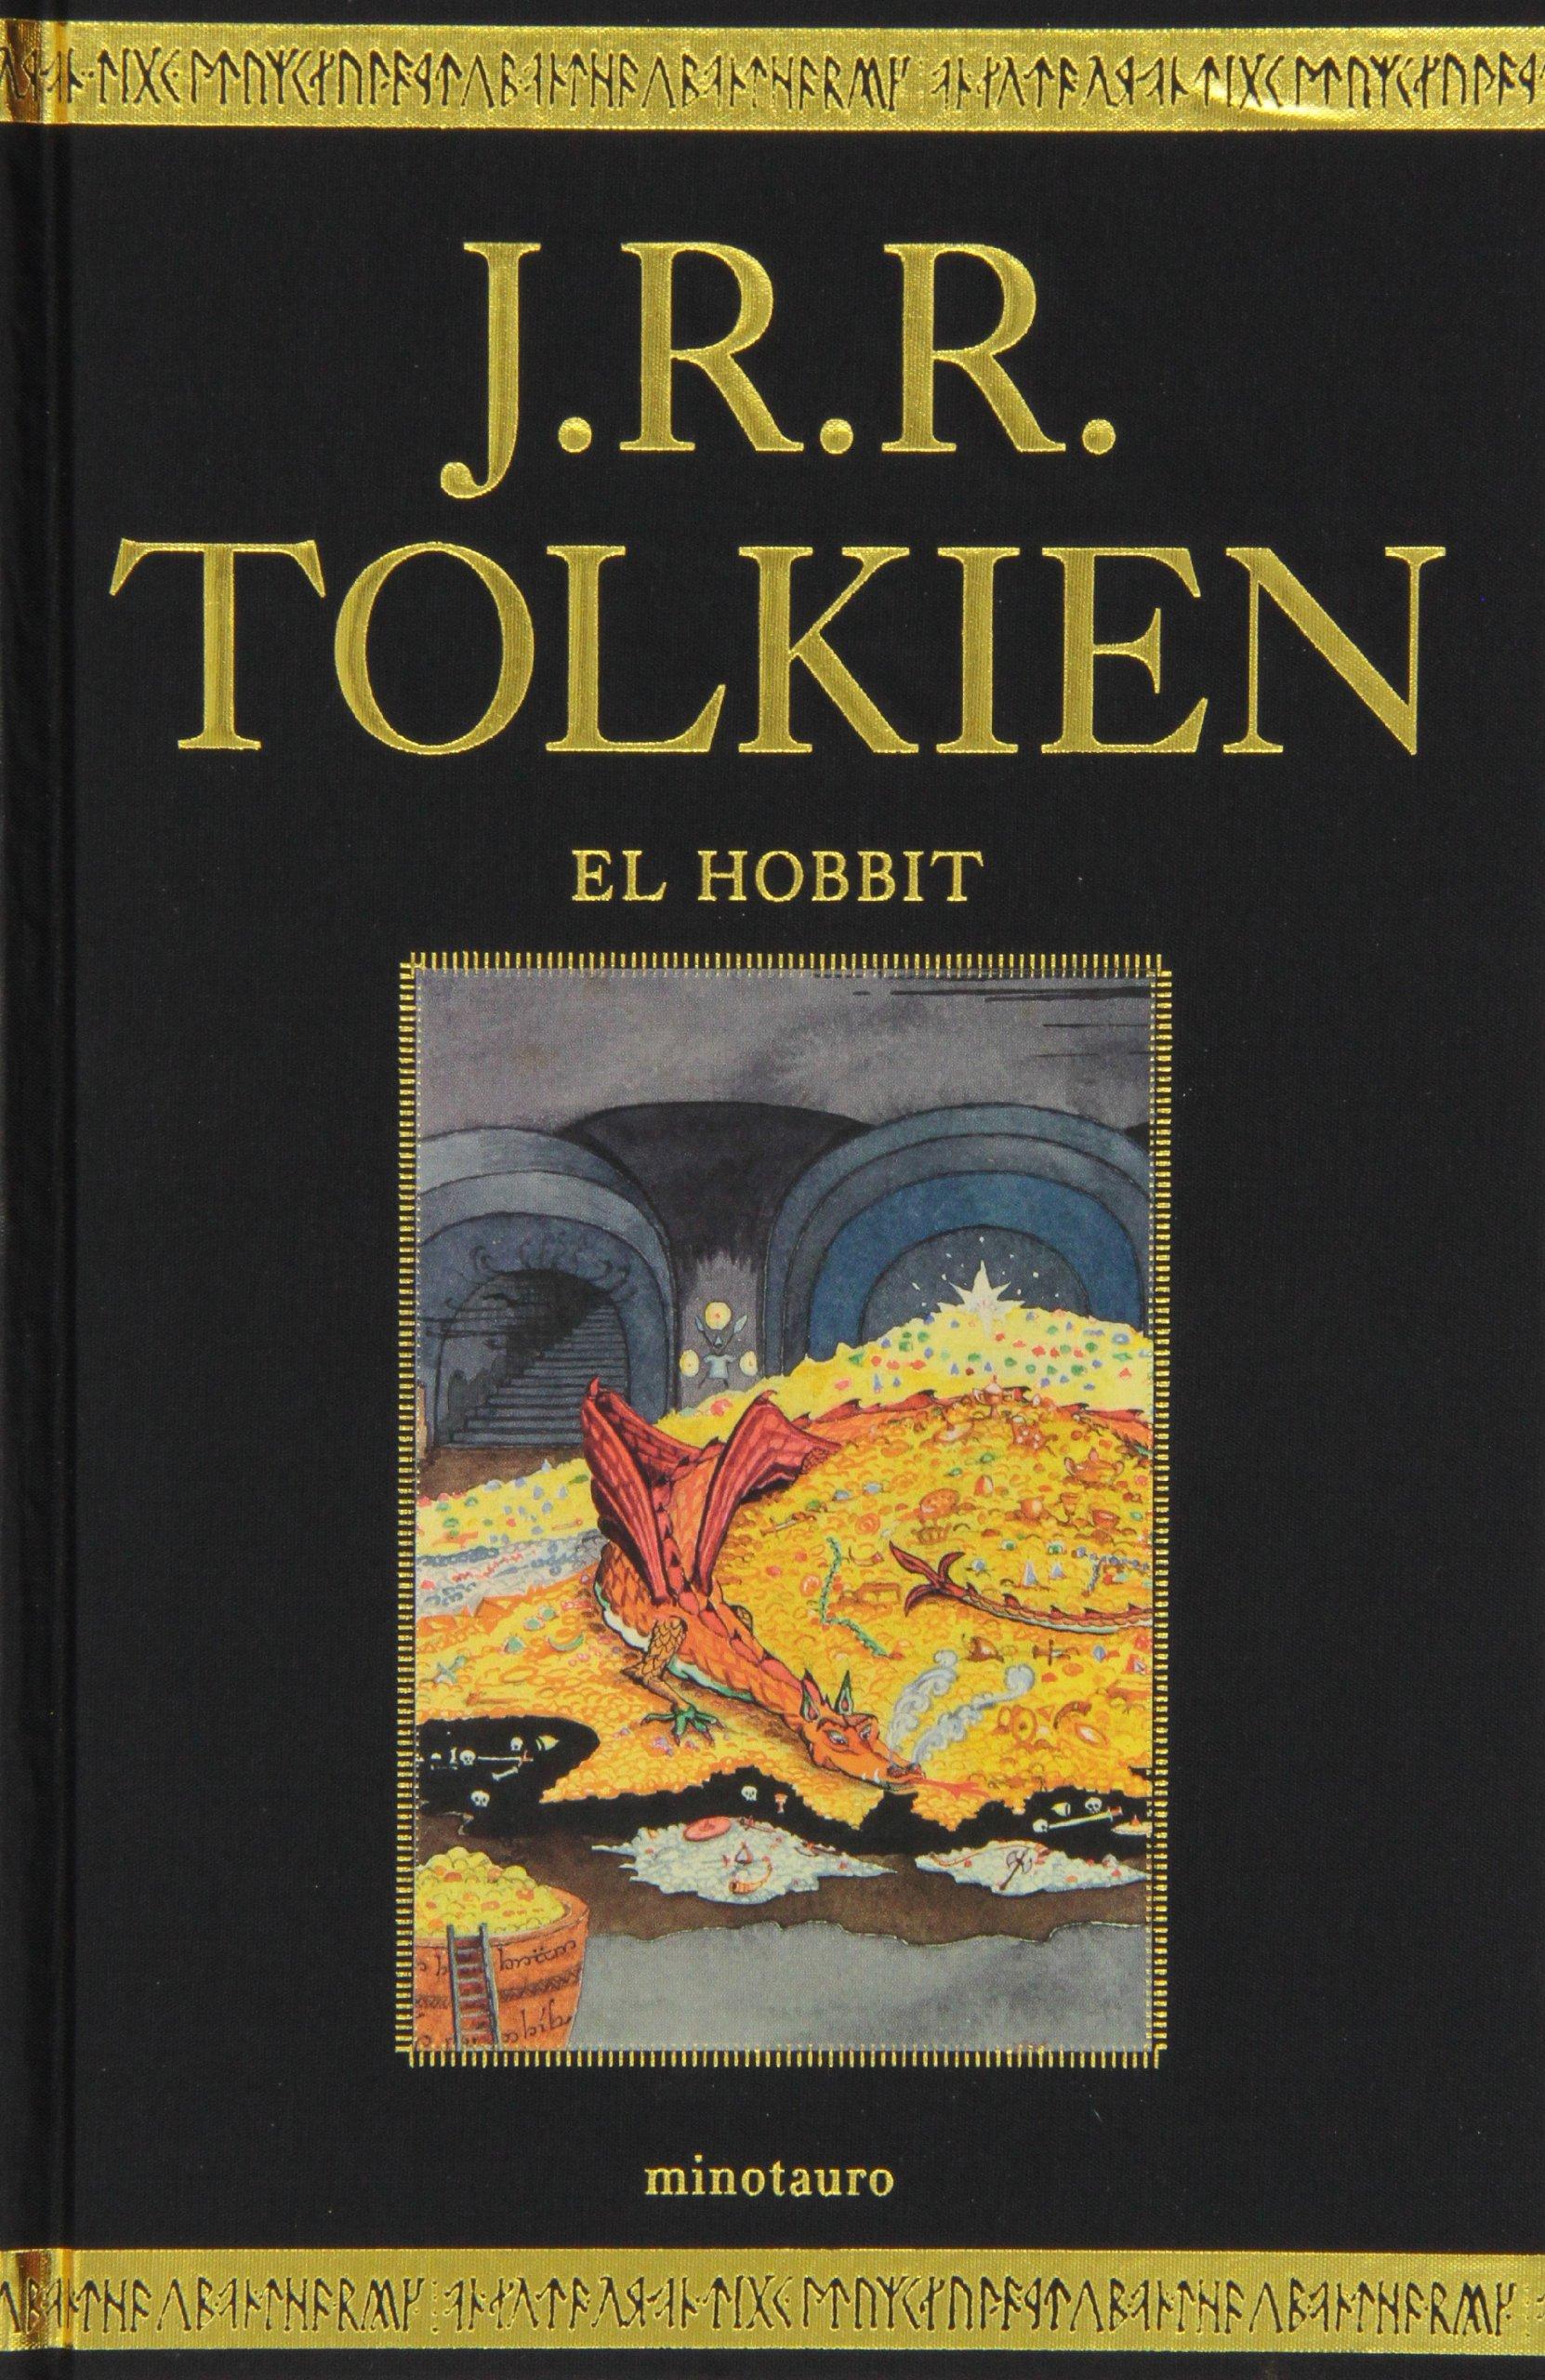 El Hobbit, edición de lujo Biblioteca J. R. R. Tolkien: Amazon.es: J. R. R.  Tolkien, Manuel Figueroa: Libros